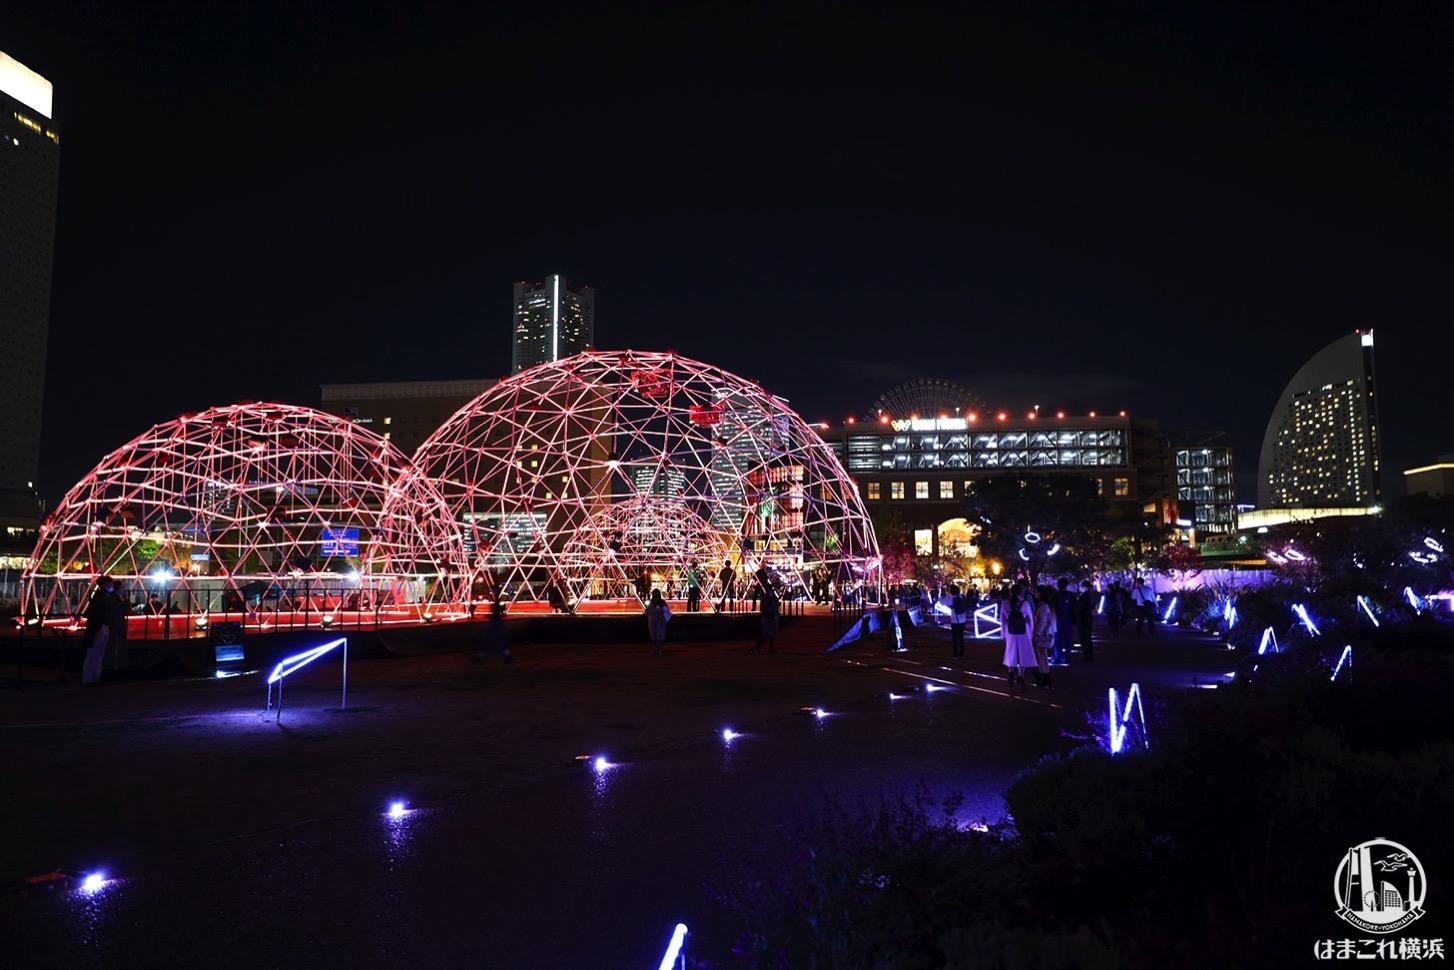 横浜「ヨルノヨ」で街全体を彩るイルミネーション体感!音楽と光の特別演出は1日6回